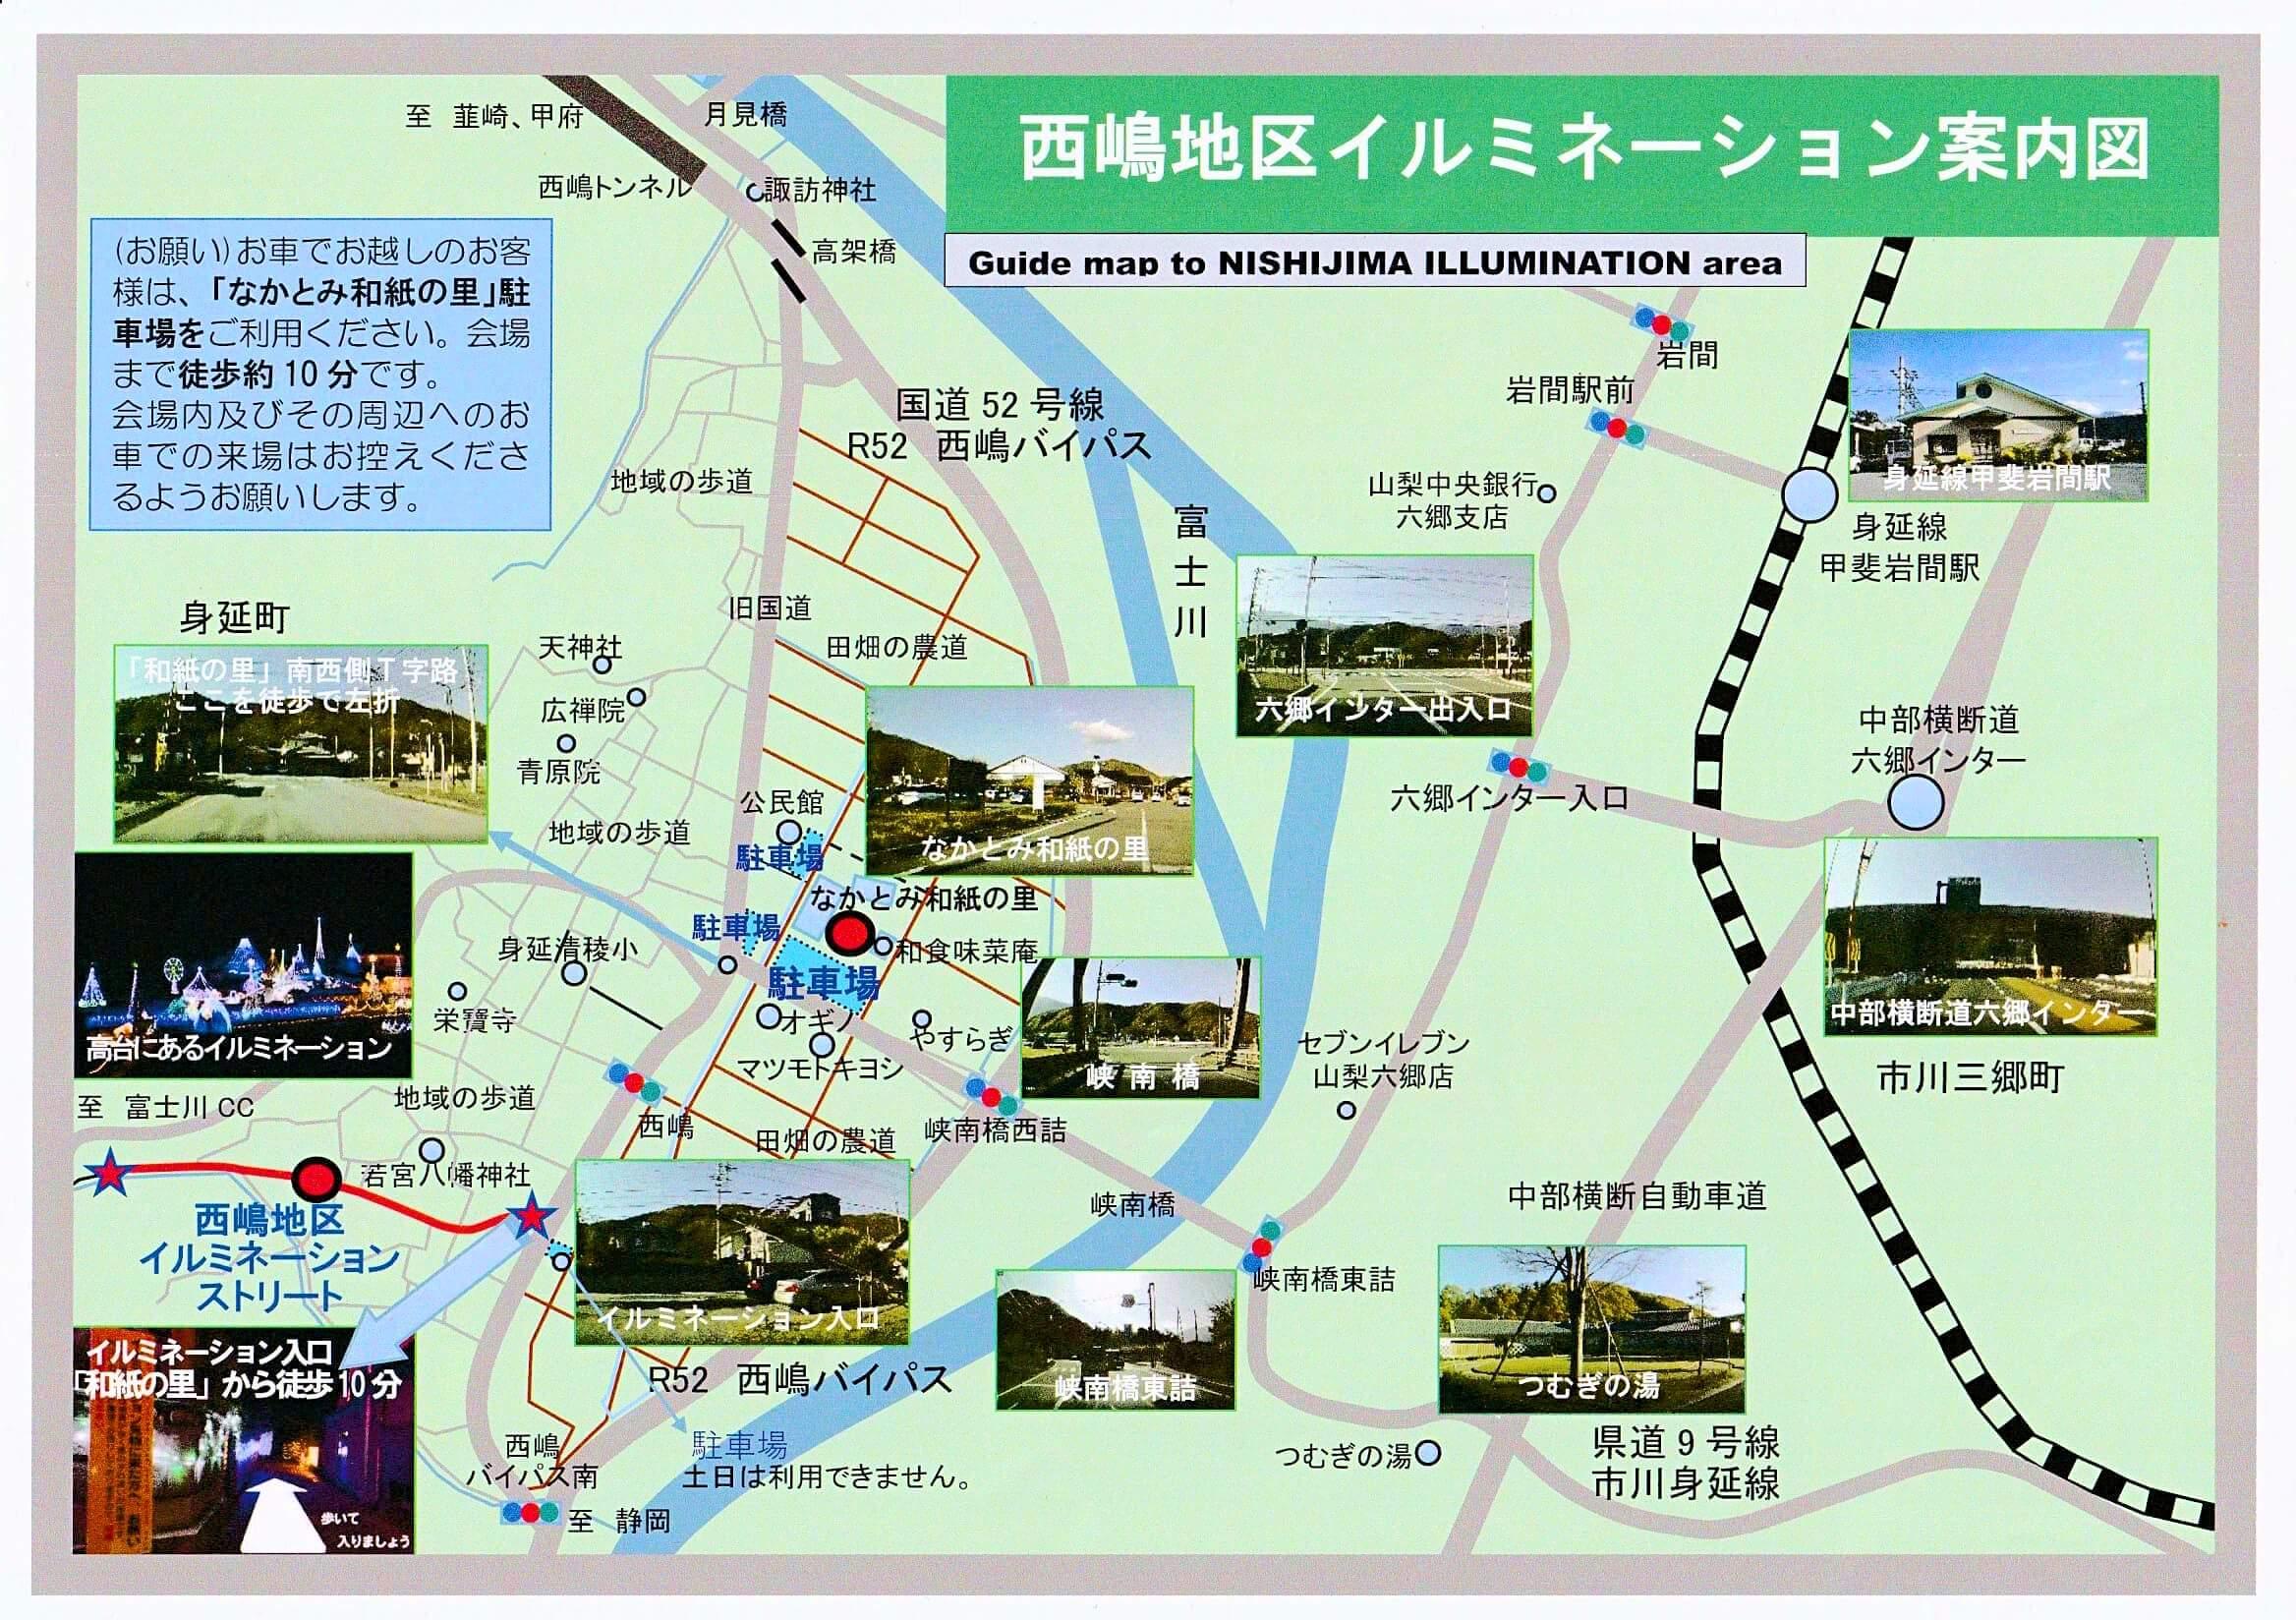 西嶋イルミネーションの周辺地図